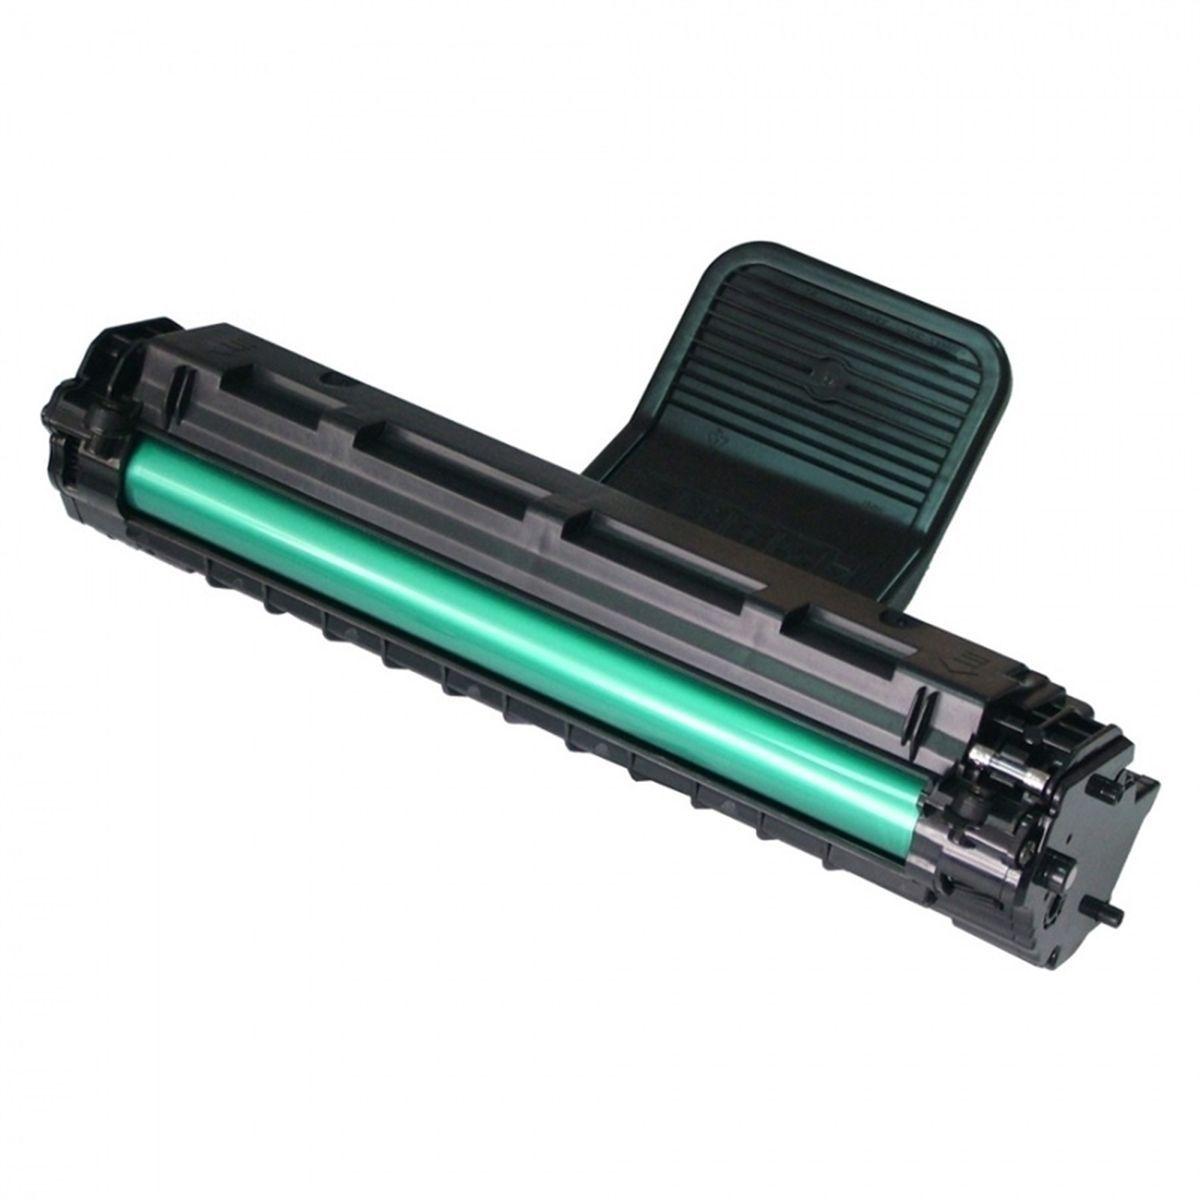 Toner compatível SAMSUNG SCX-D4725A/XAA | SCX4725 SCX4725F SCX4725FN - 2.000 Páginas - Cartucho & Cia